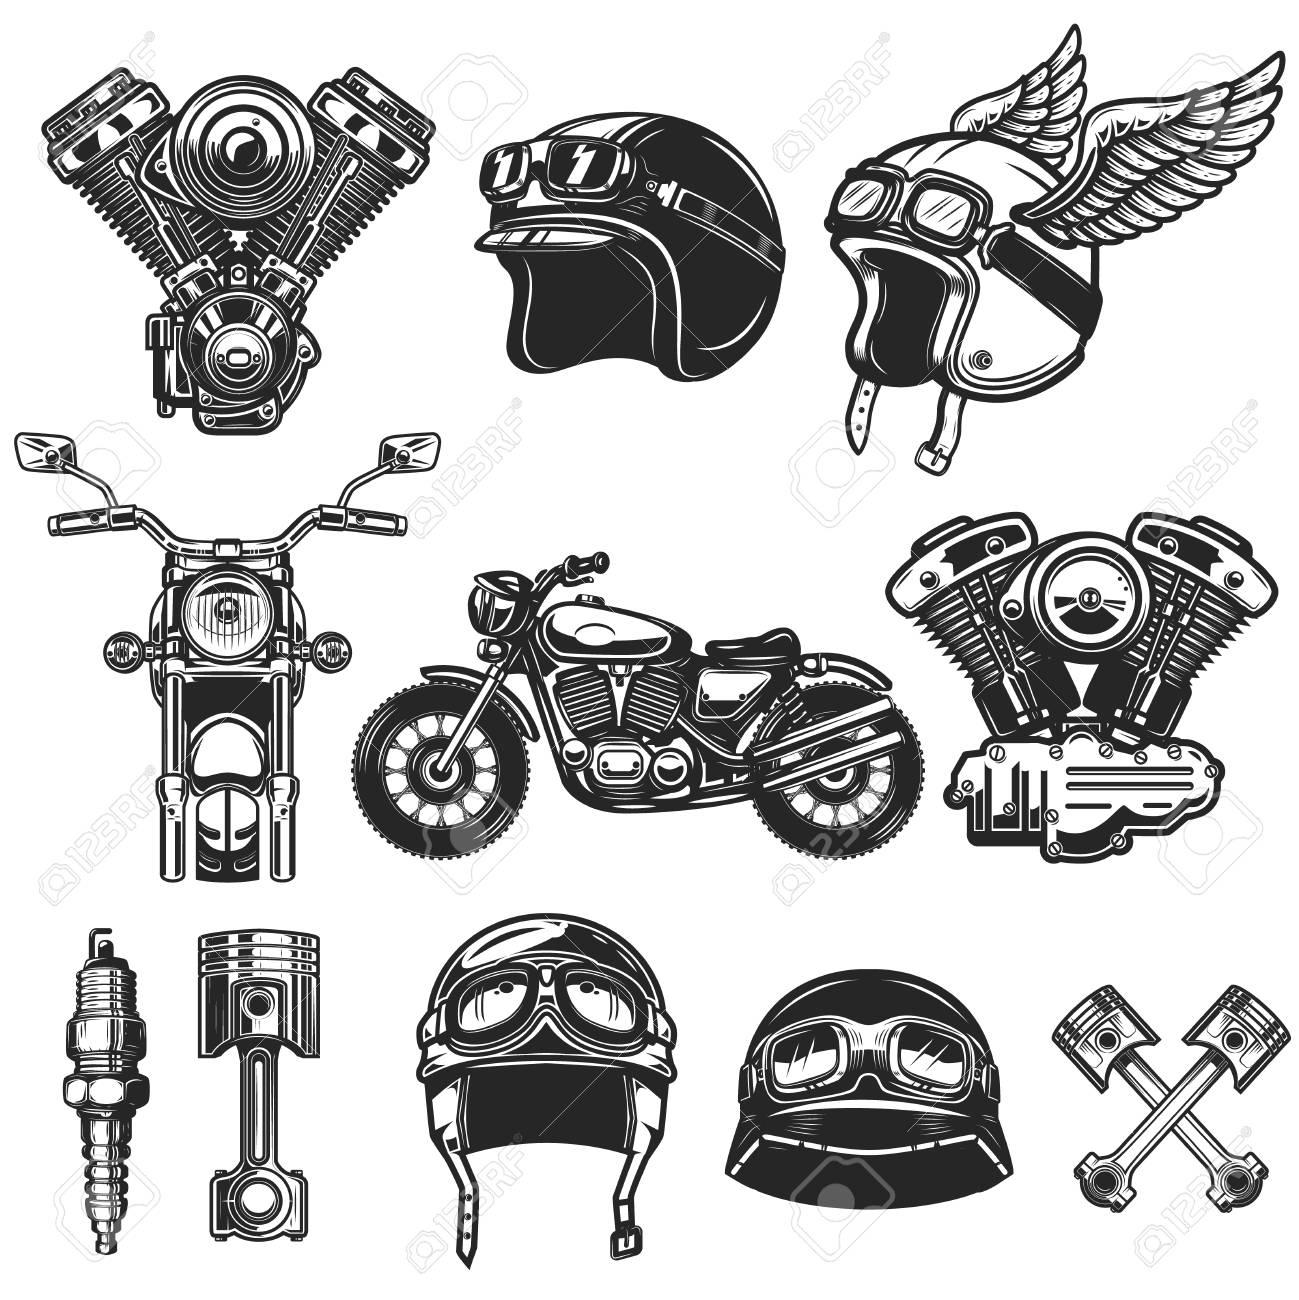 Set of motorcycle design elements. for logo, label, emblem, sign, poster, t shirt. - 114137660